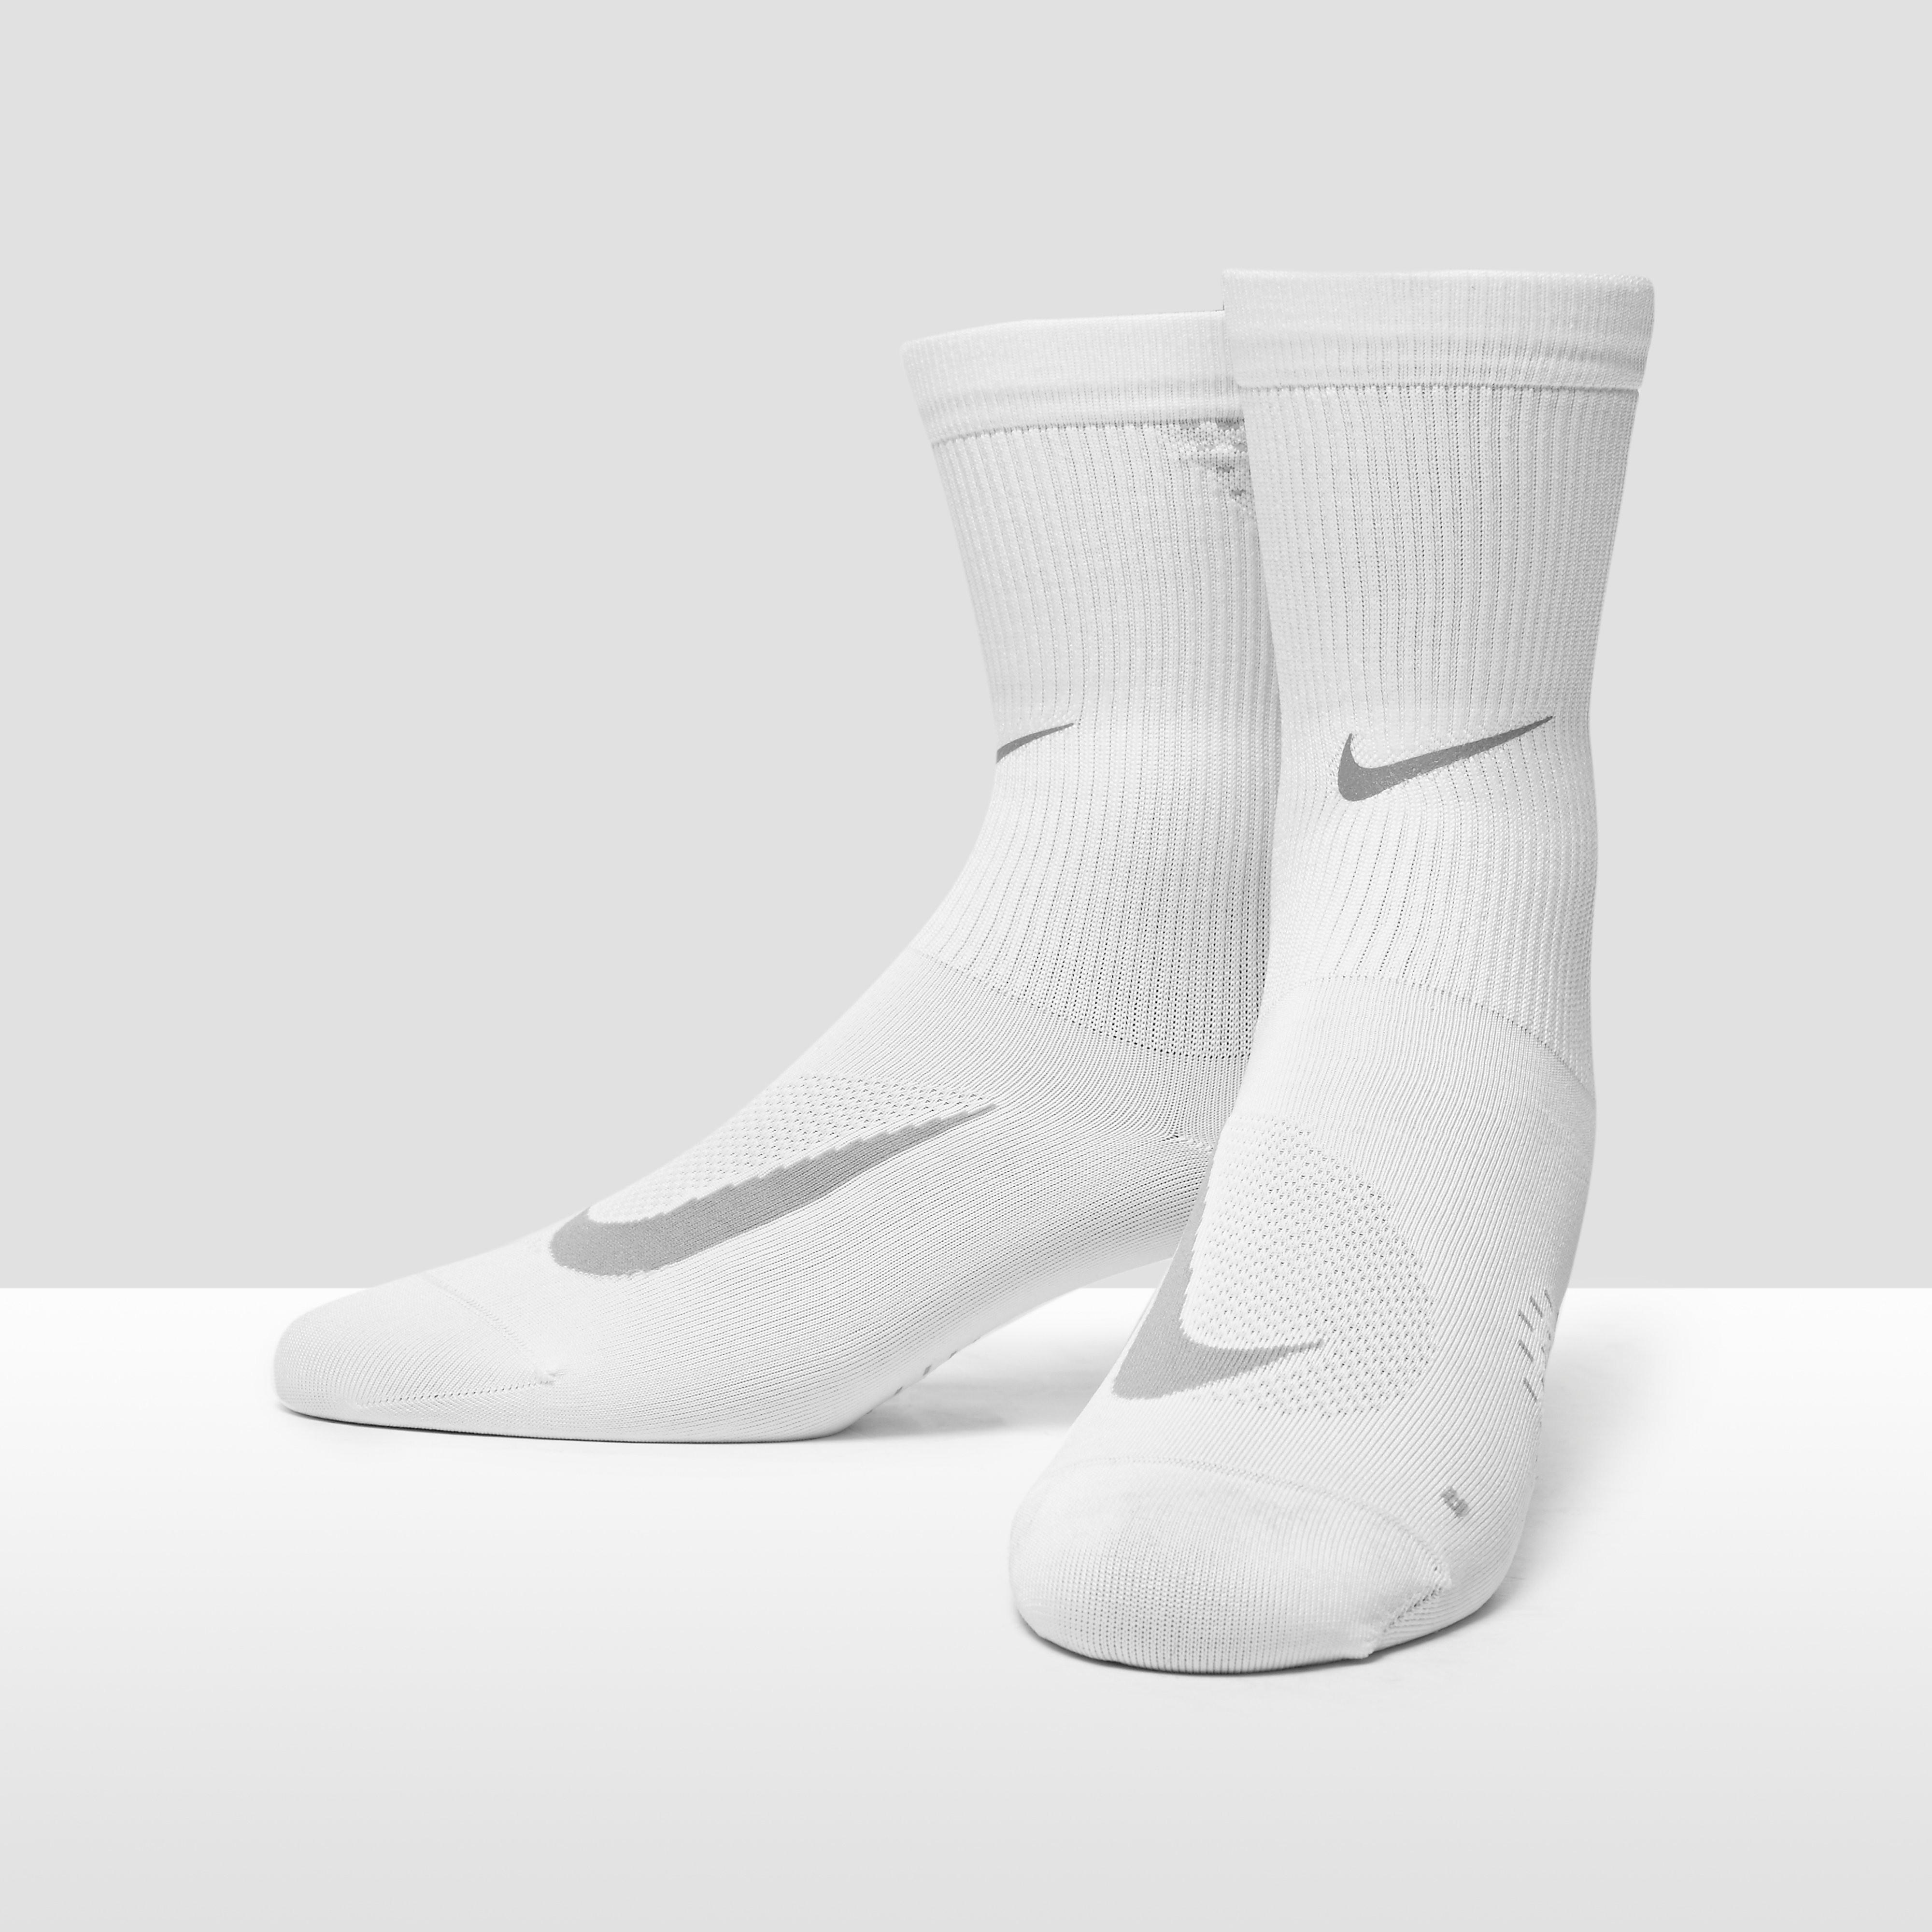 Nike Elite 2.0 Crew Running Socks